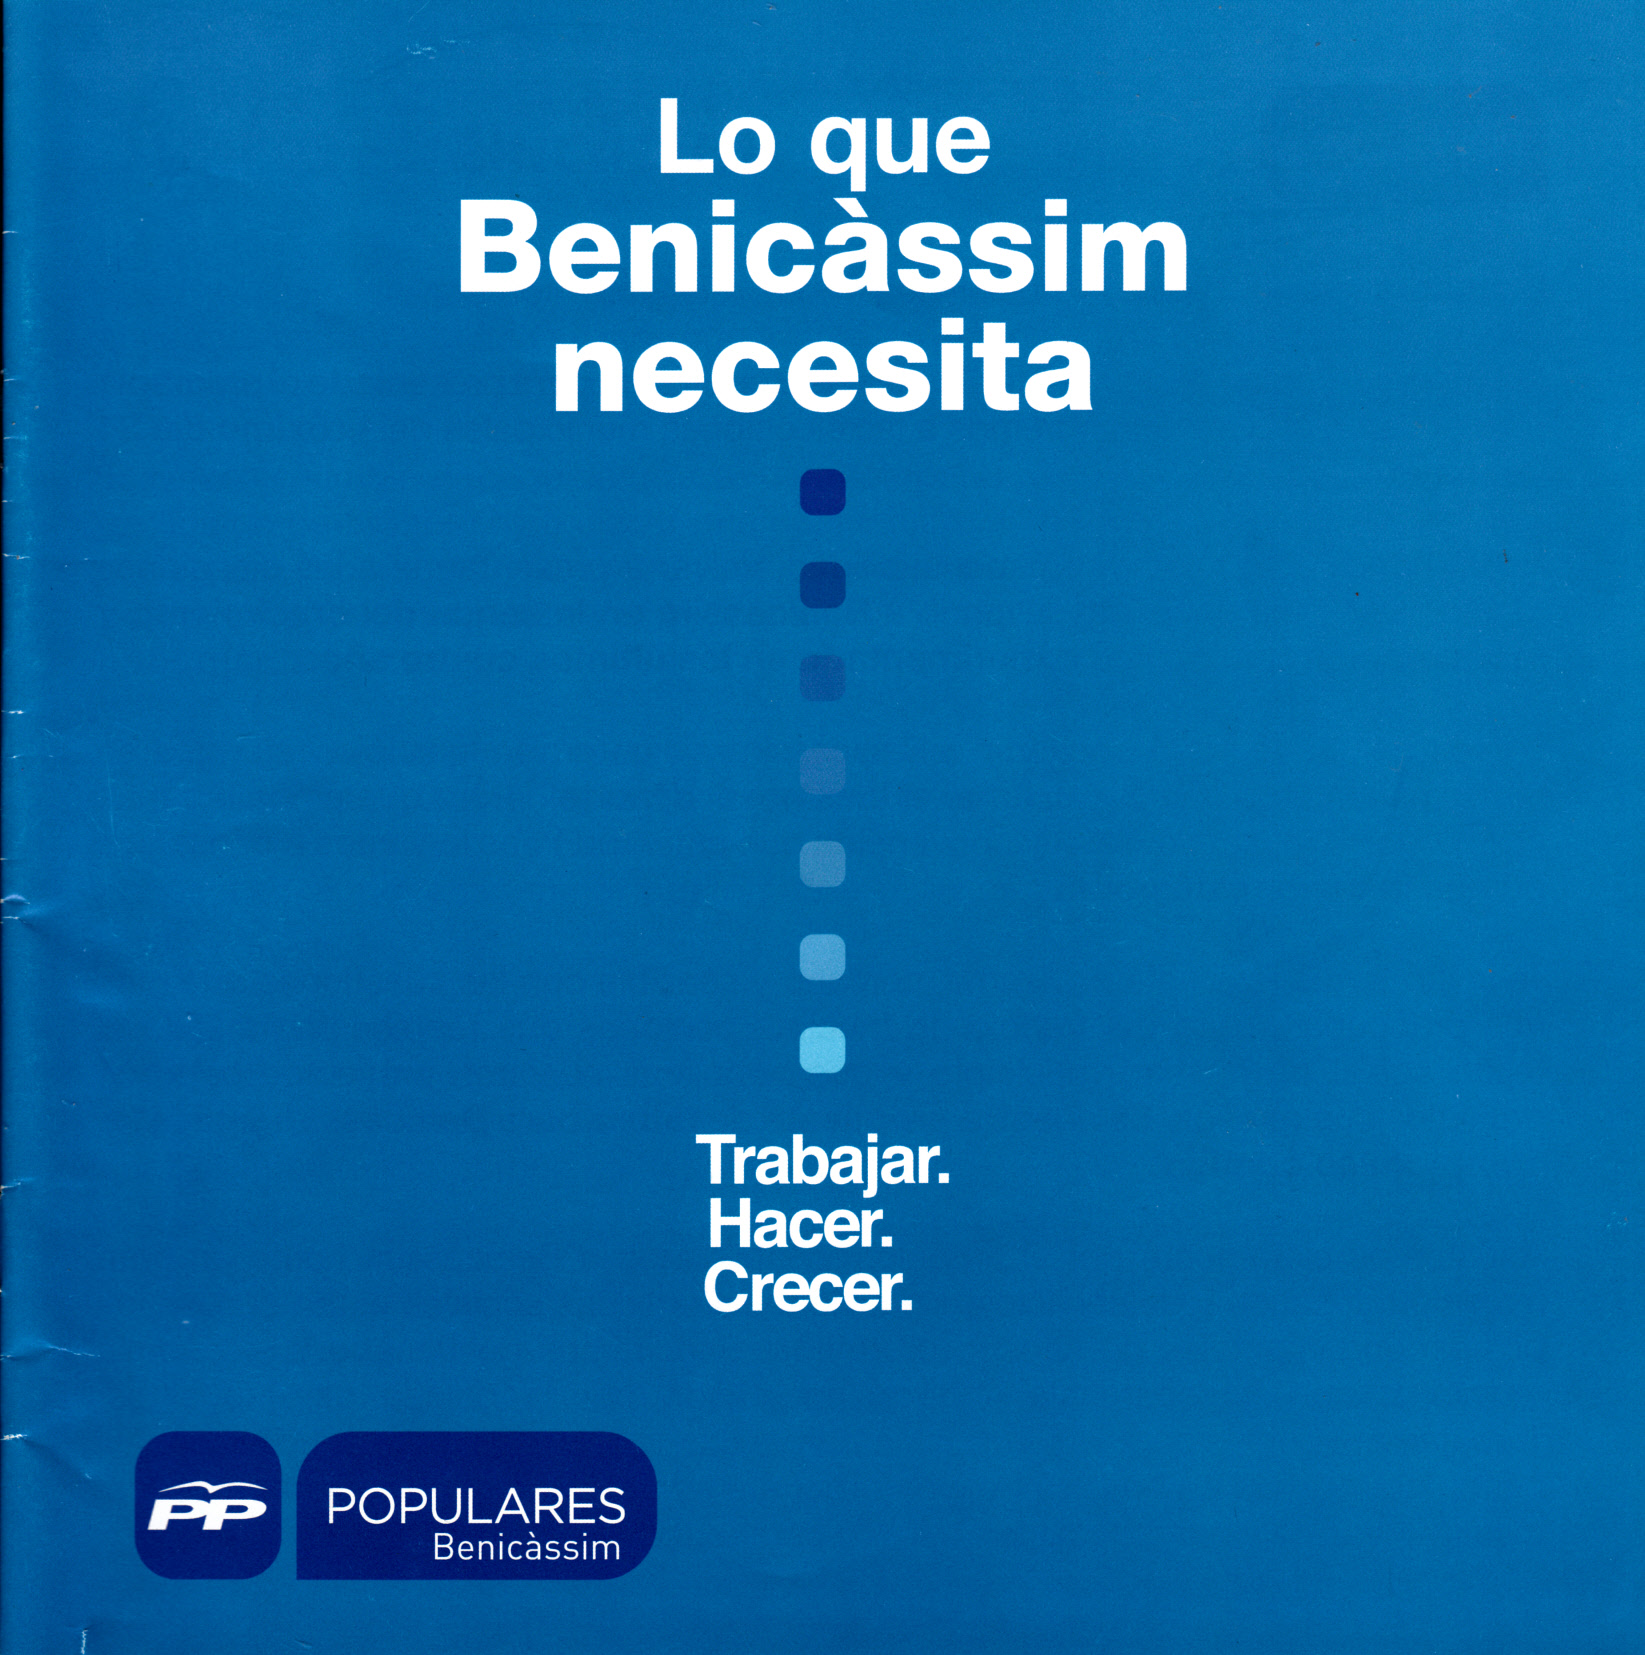 pp_2015_benecassim_0001